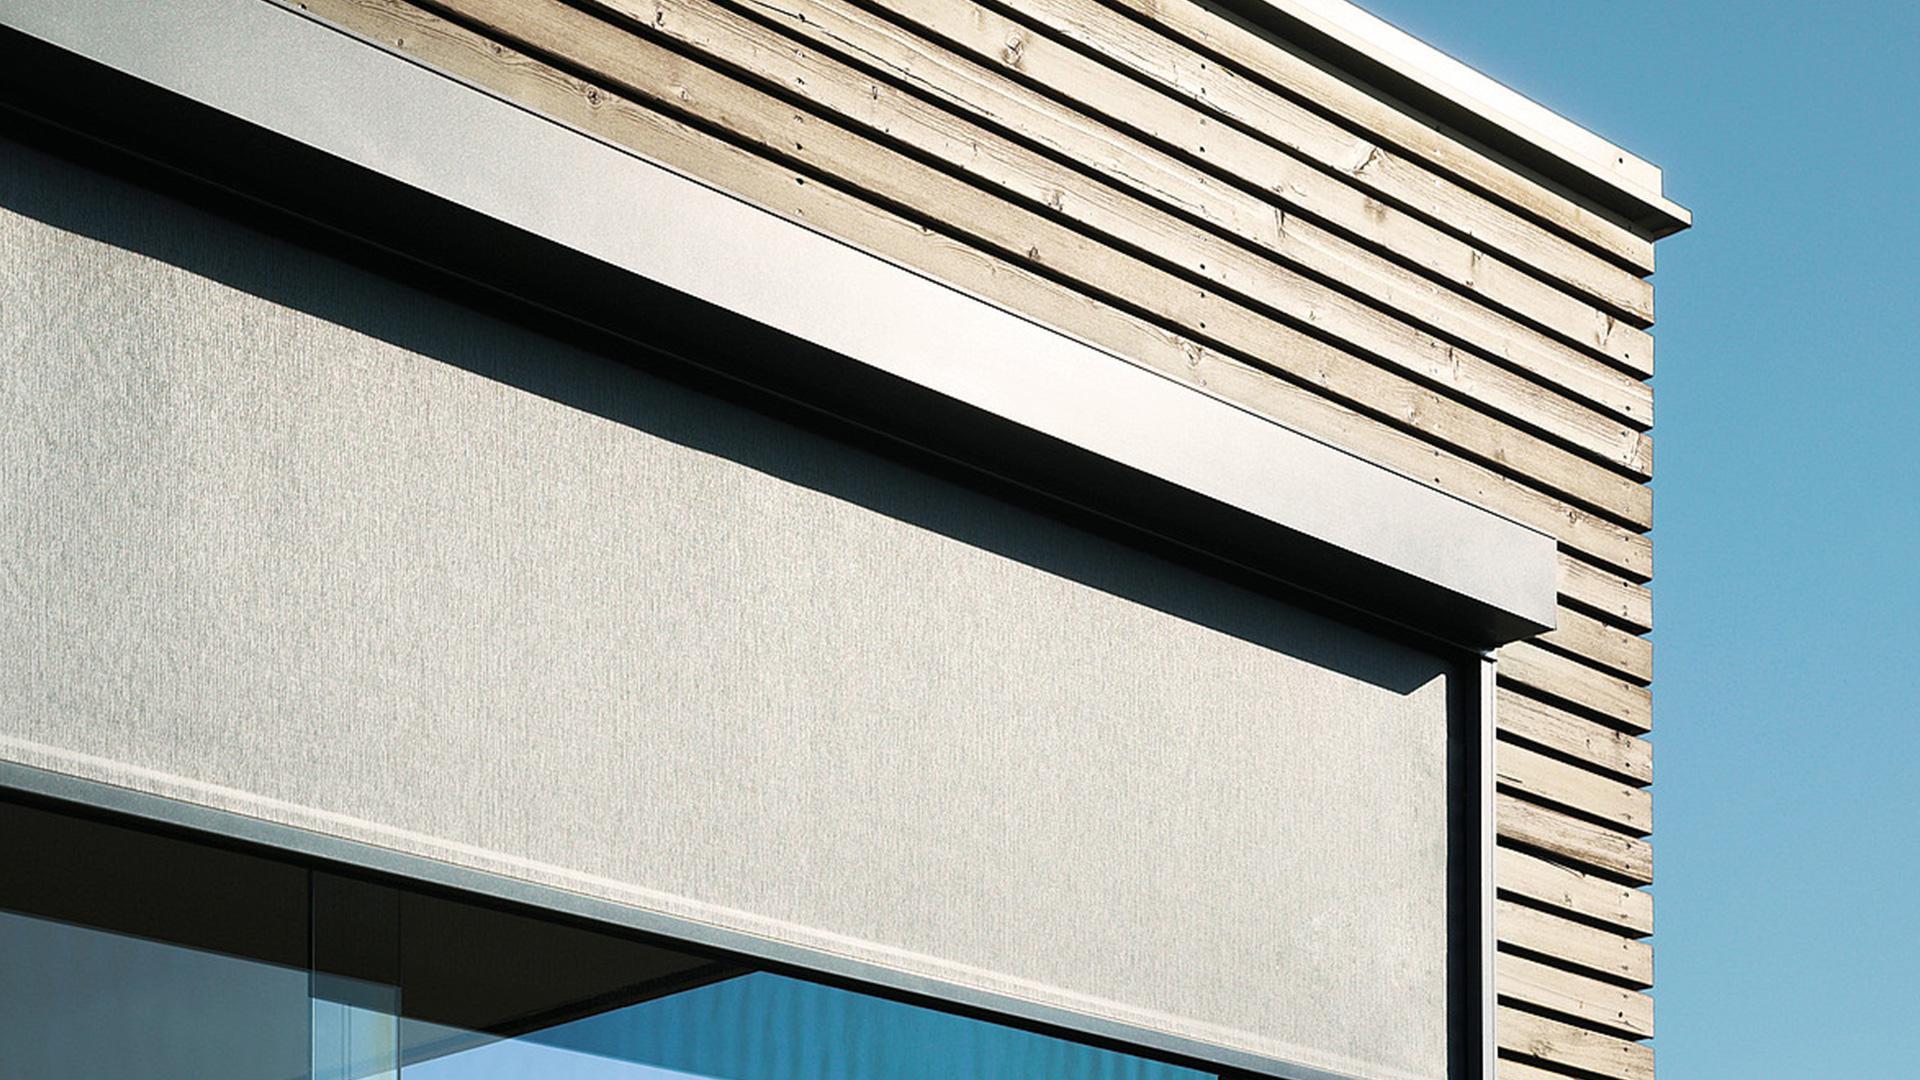 Full Size of Sonnenschutz Fenster Von Drbusch Montage Raffstoren Mehr Insektenschutzgitter Einbruchschutz Nachrüsten Trocal Wärmeschutzfolie Günstige Sichtschutzfolie Fenster Sonnenschutz Fenster